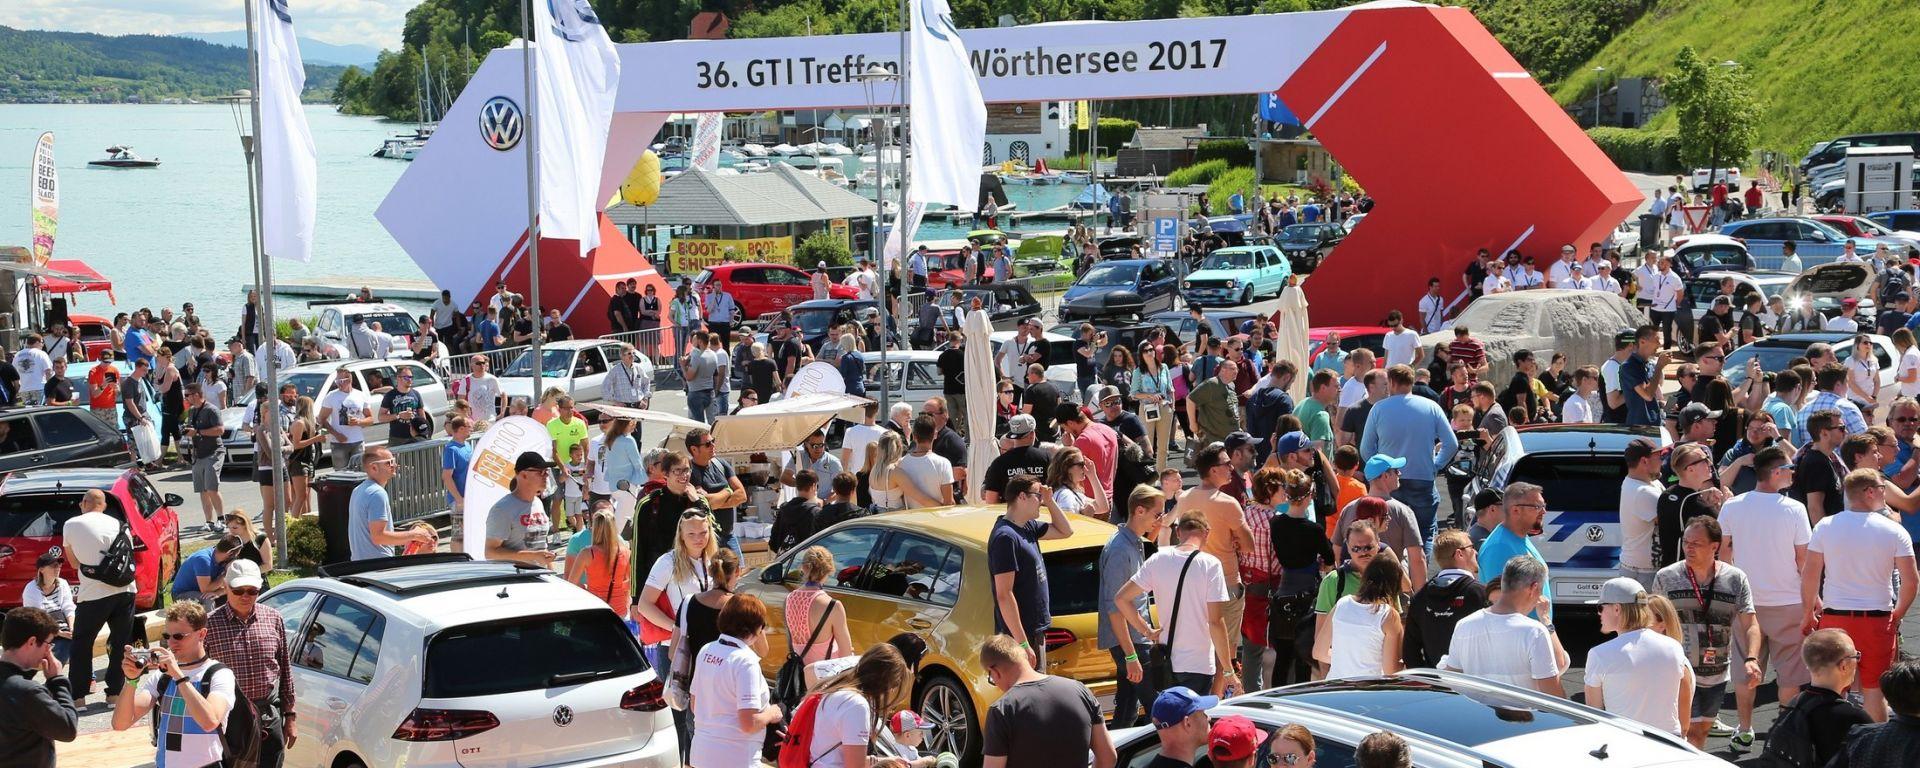 GTI Treffen Worthersee 2017: il raduno dedicato alla Volkswagen GTI e non solo